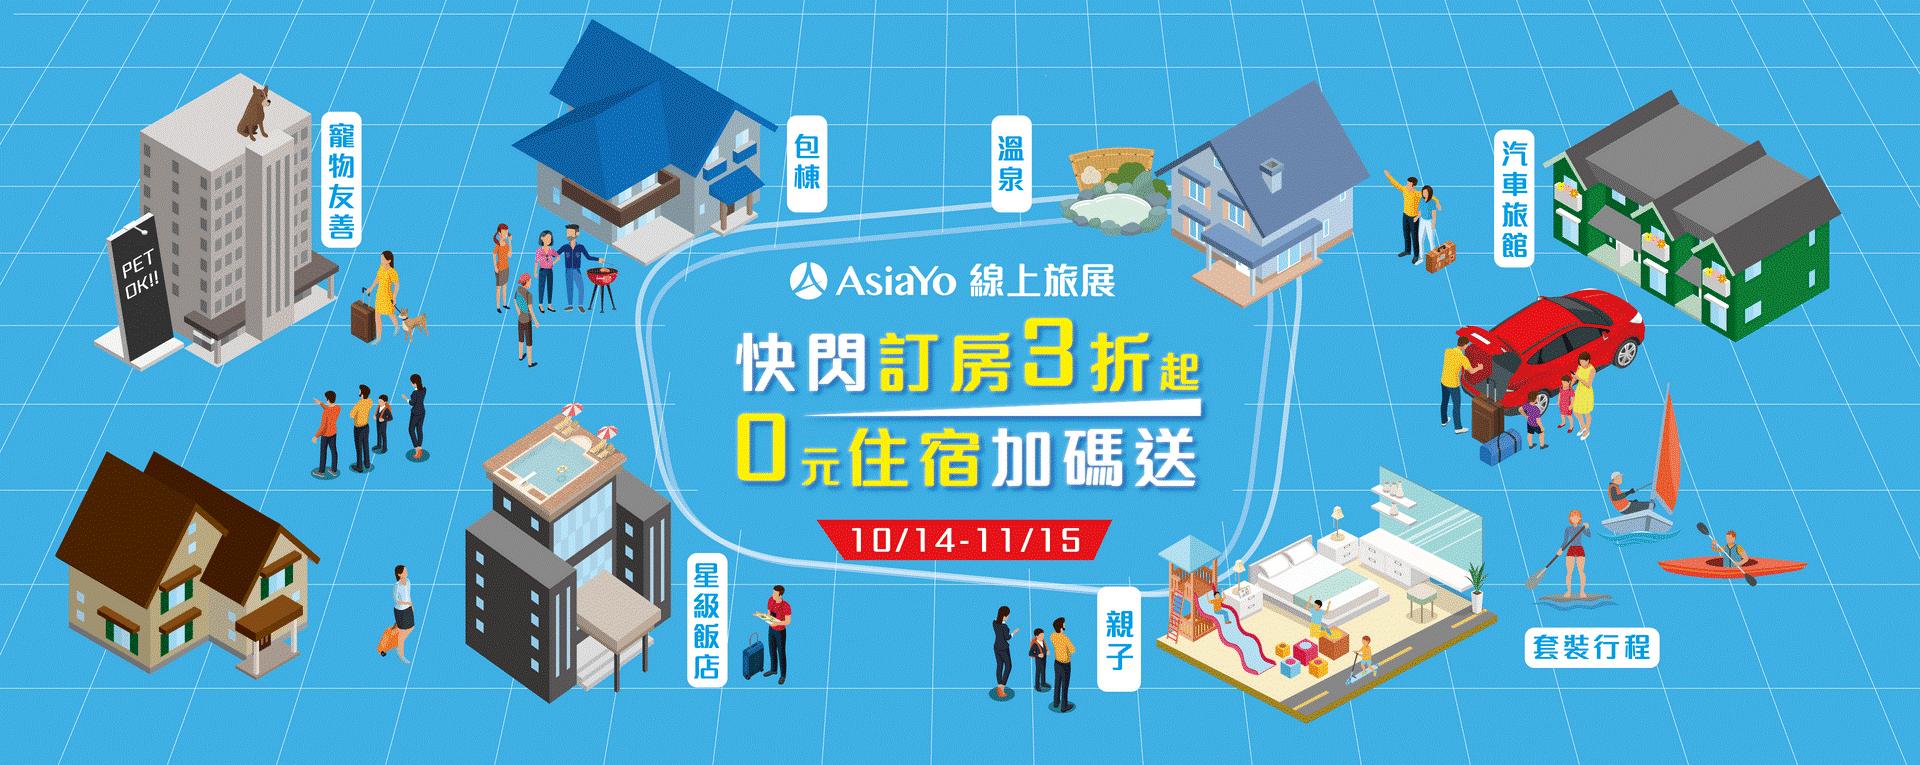 【2020線上旅展】年終最狂!AsiaYo全台訂房3折起,再抽0元爽住飯店!